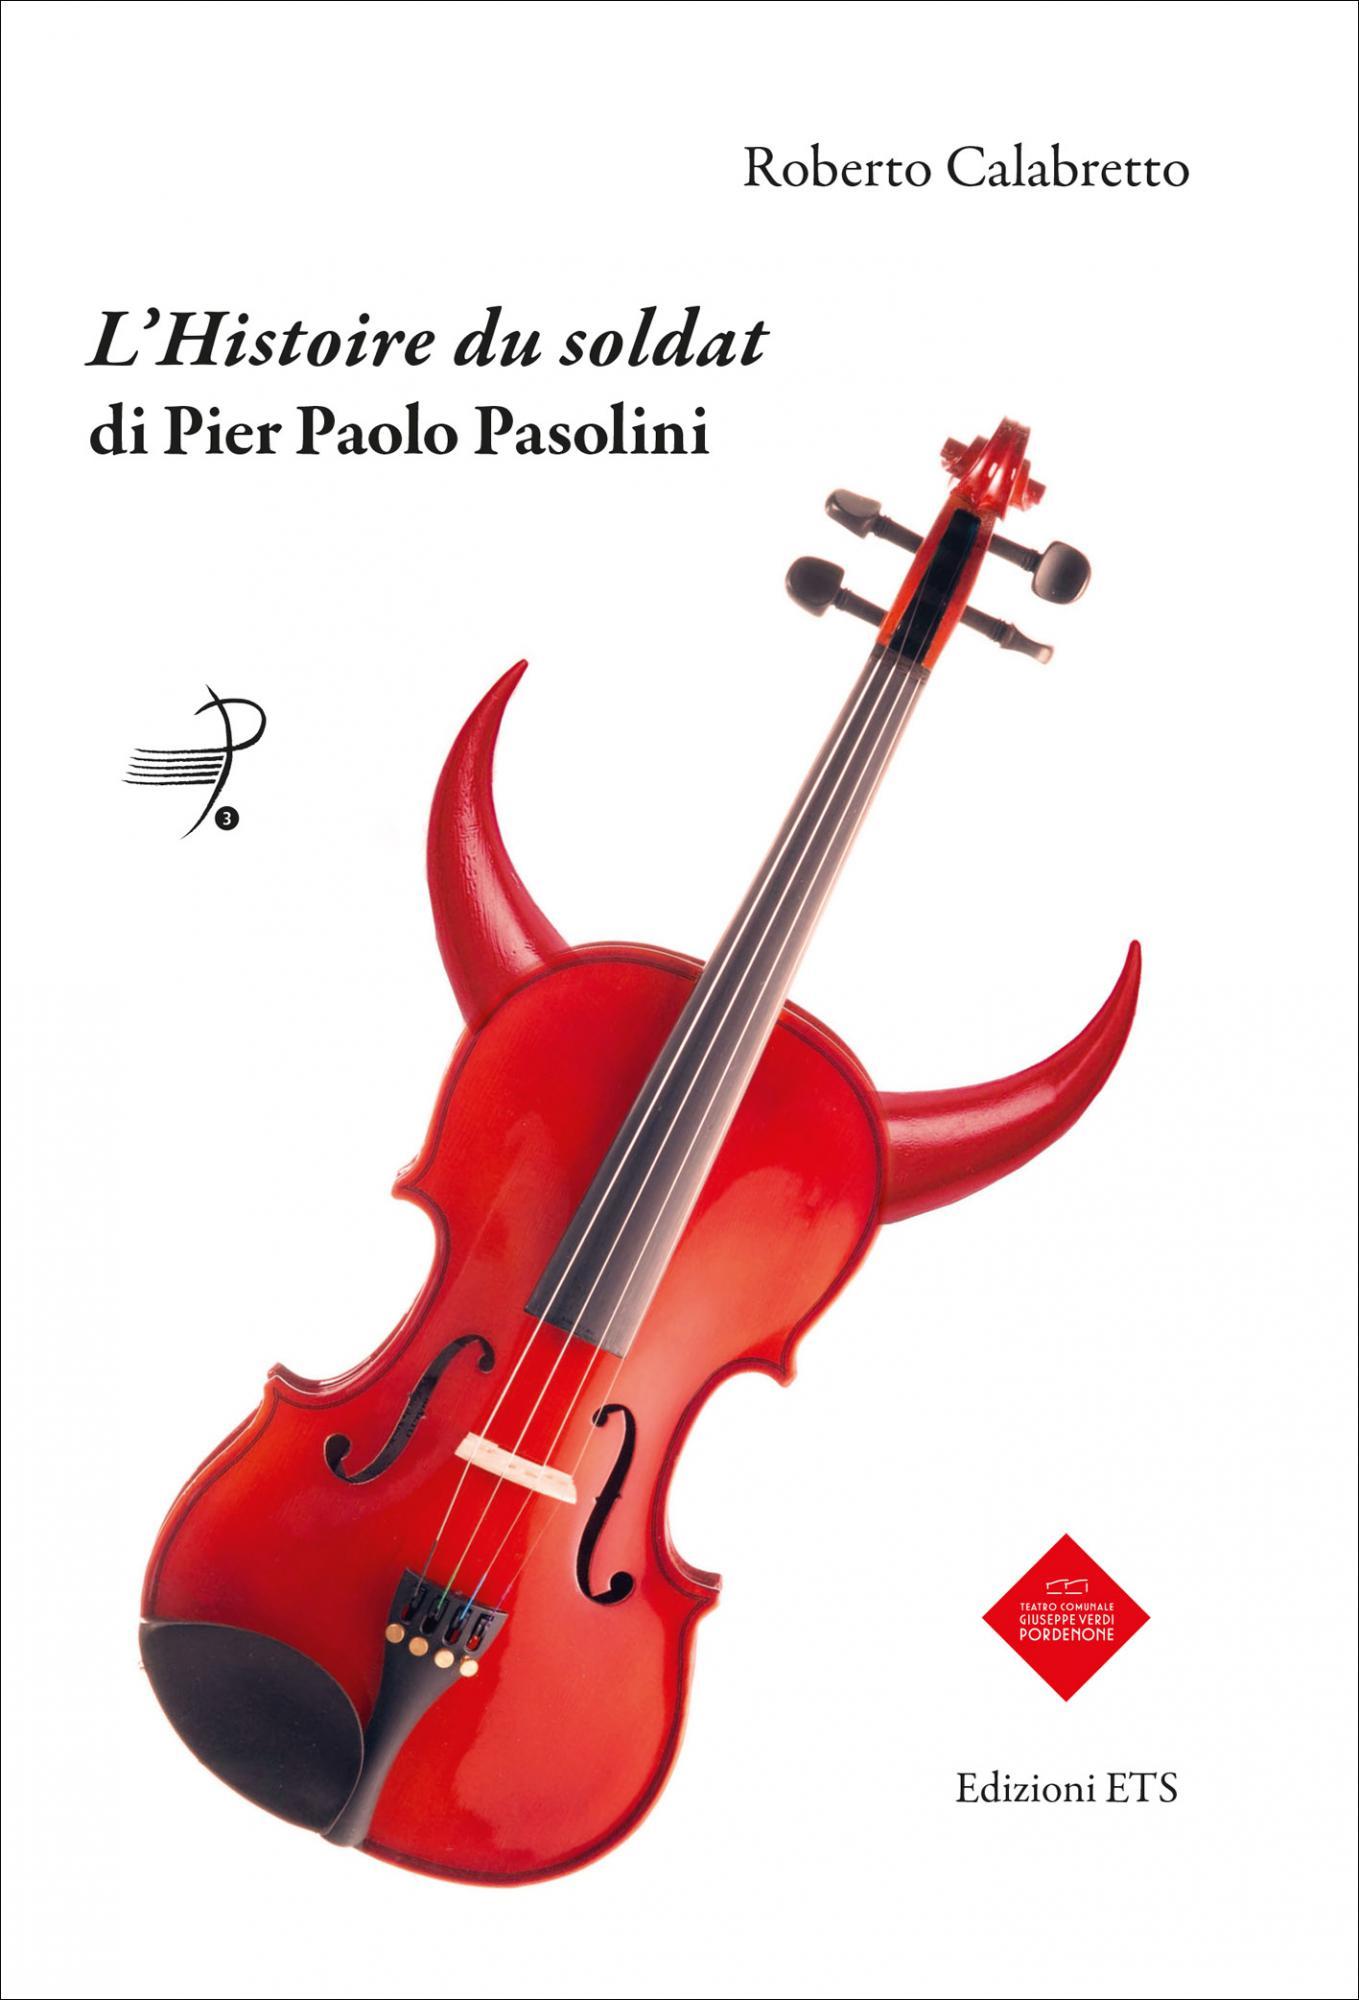 <em>L&rsquo;Histoire du soldat</em> di Pier Paolo Pasolini